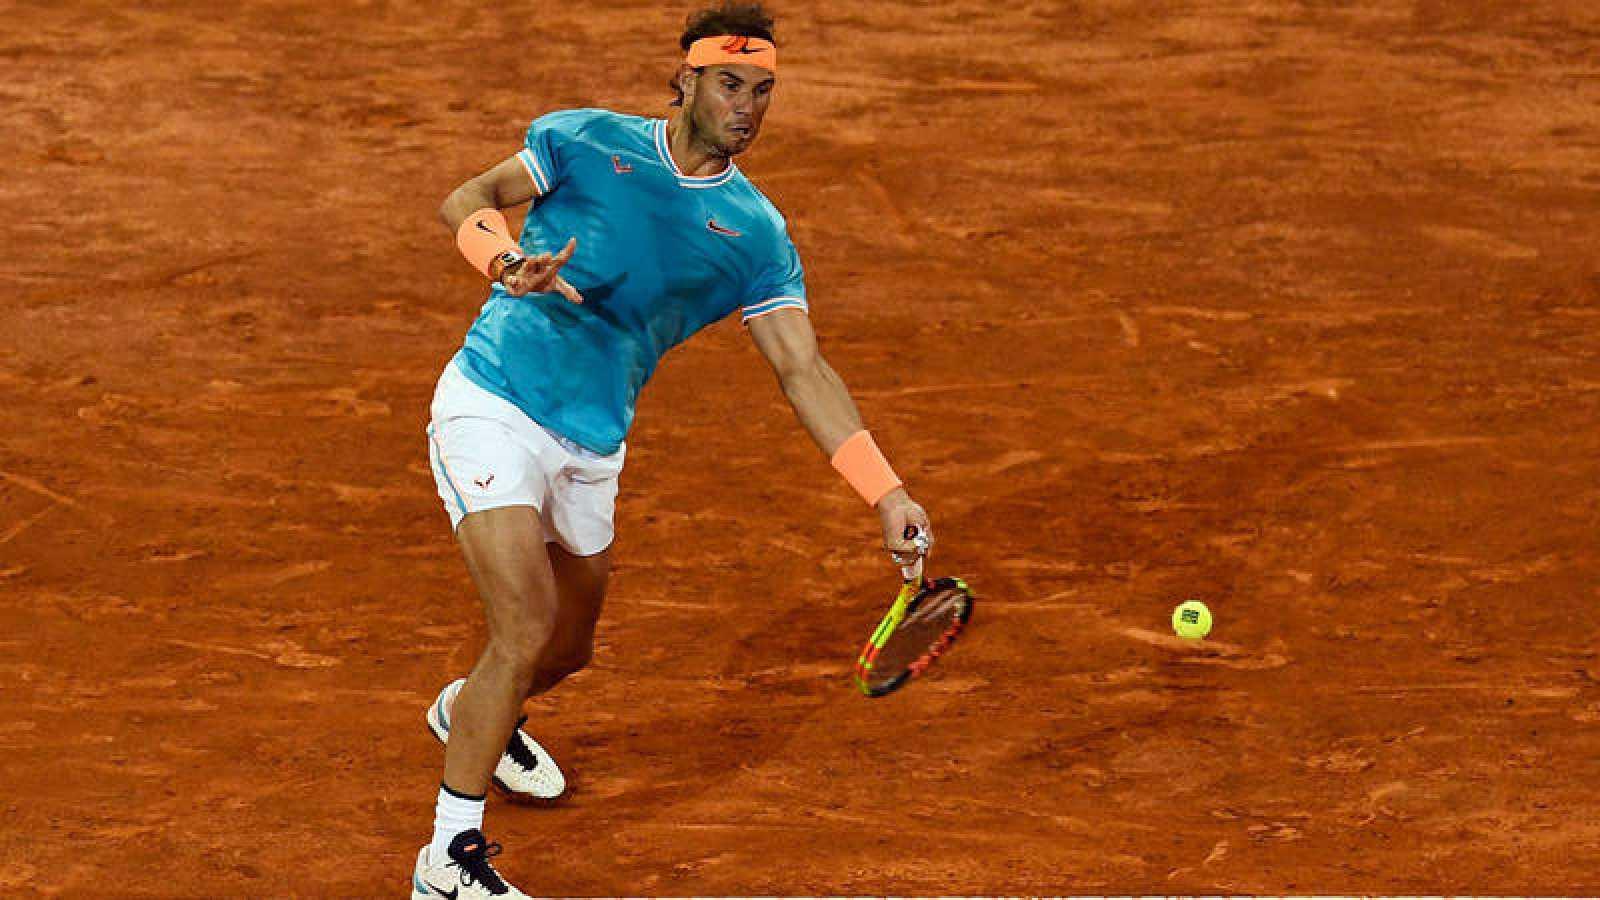 Este sábado en el Madrid Open: Nadal, a por su novena final